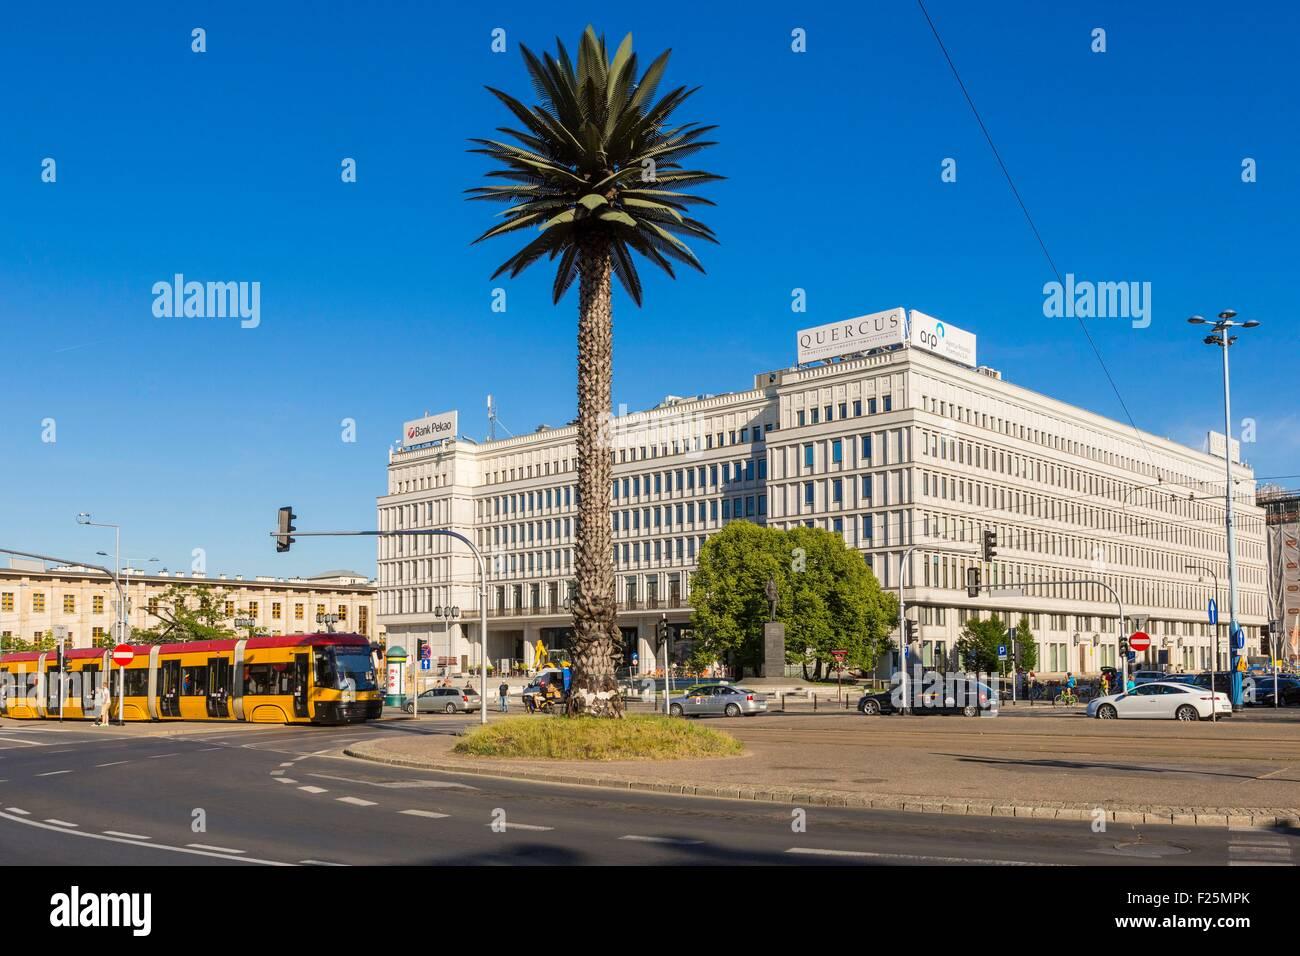 Poland, Mazovia region, Warsaw, roundabout De Gaulle - Stock Image